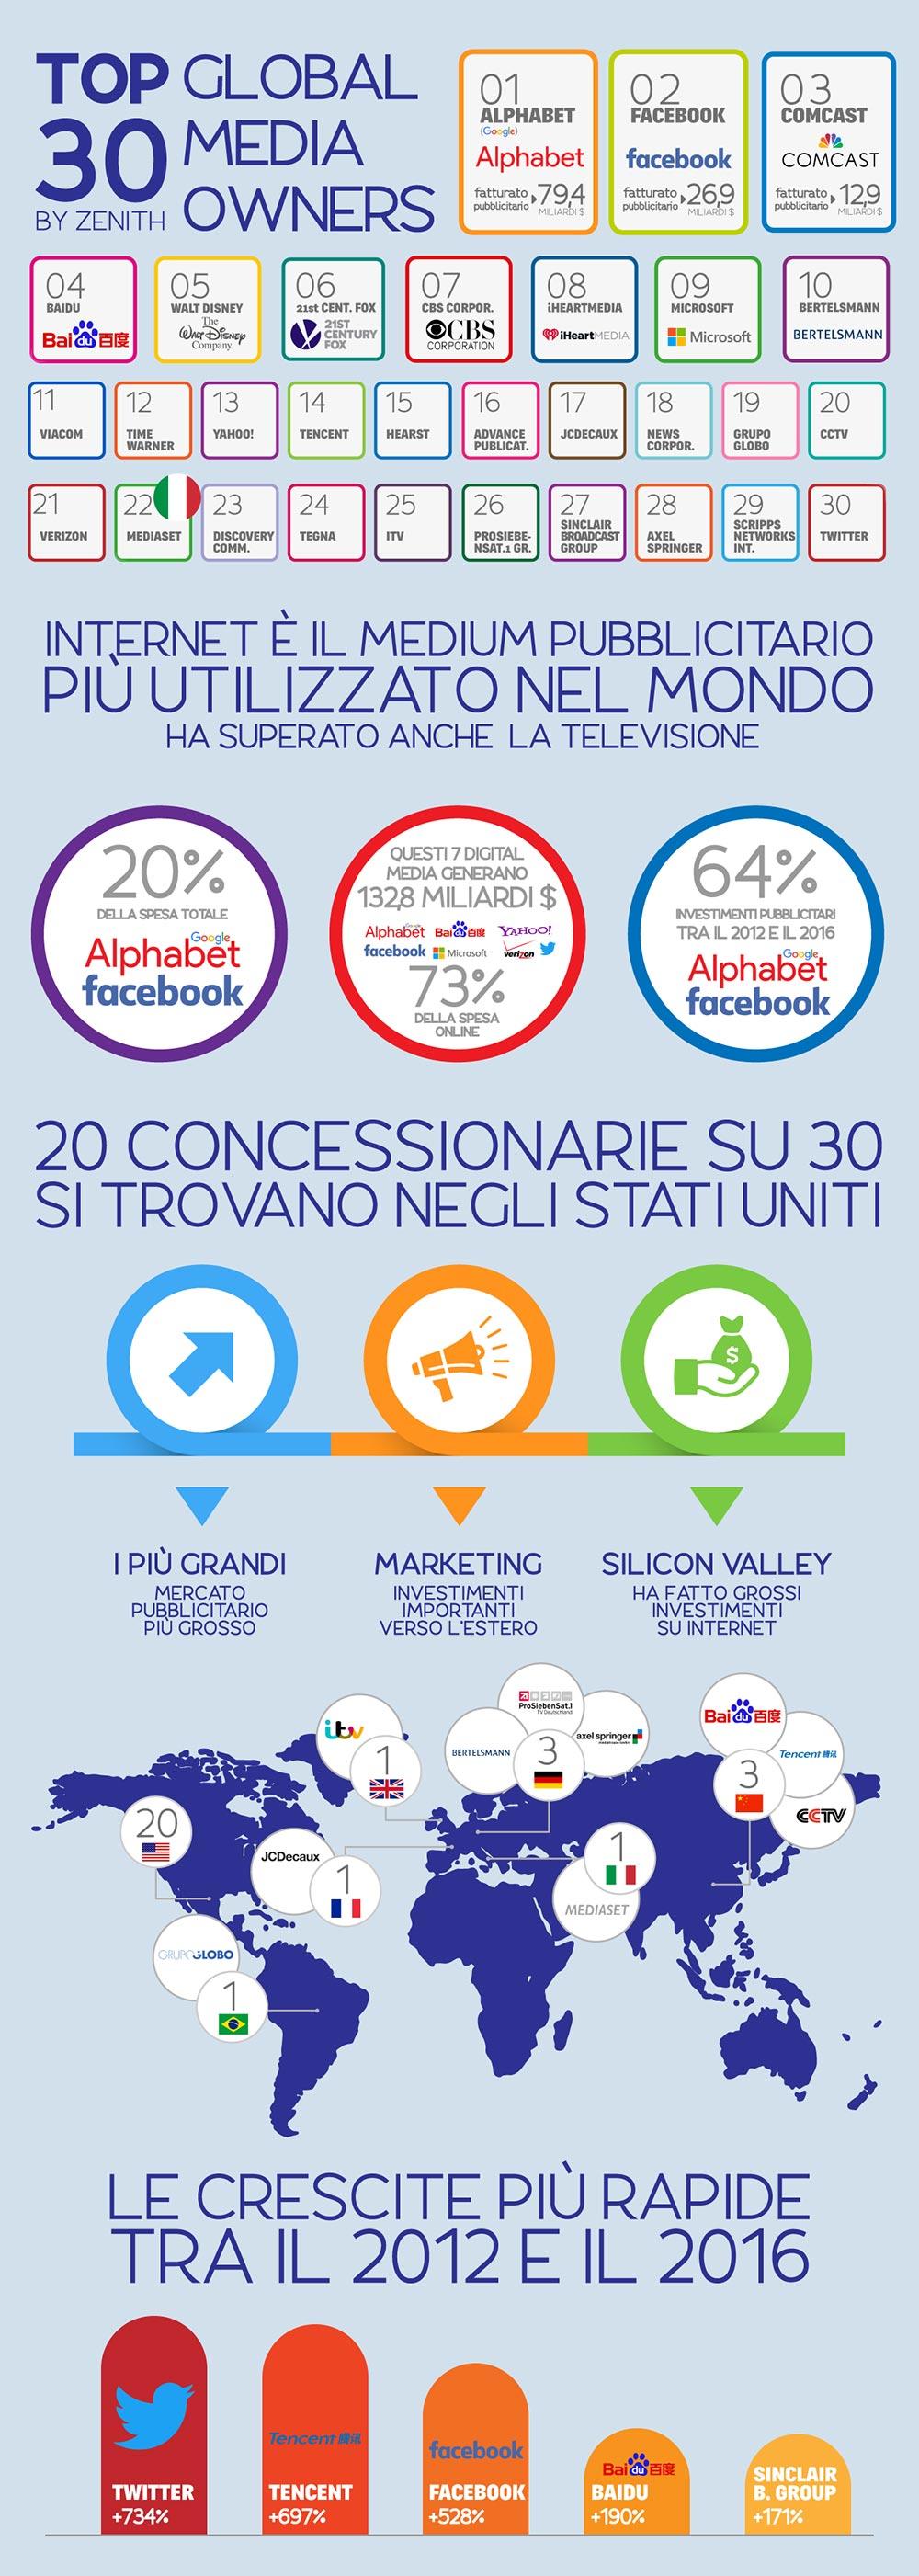 Alphabet e Facebook hanno in mano il 20% del mercato mondiale.